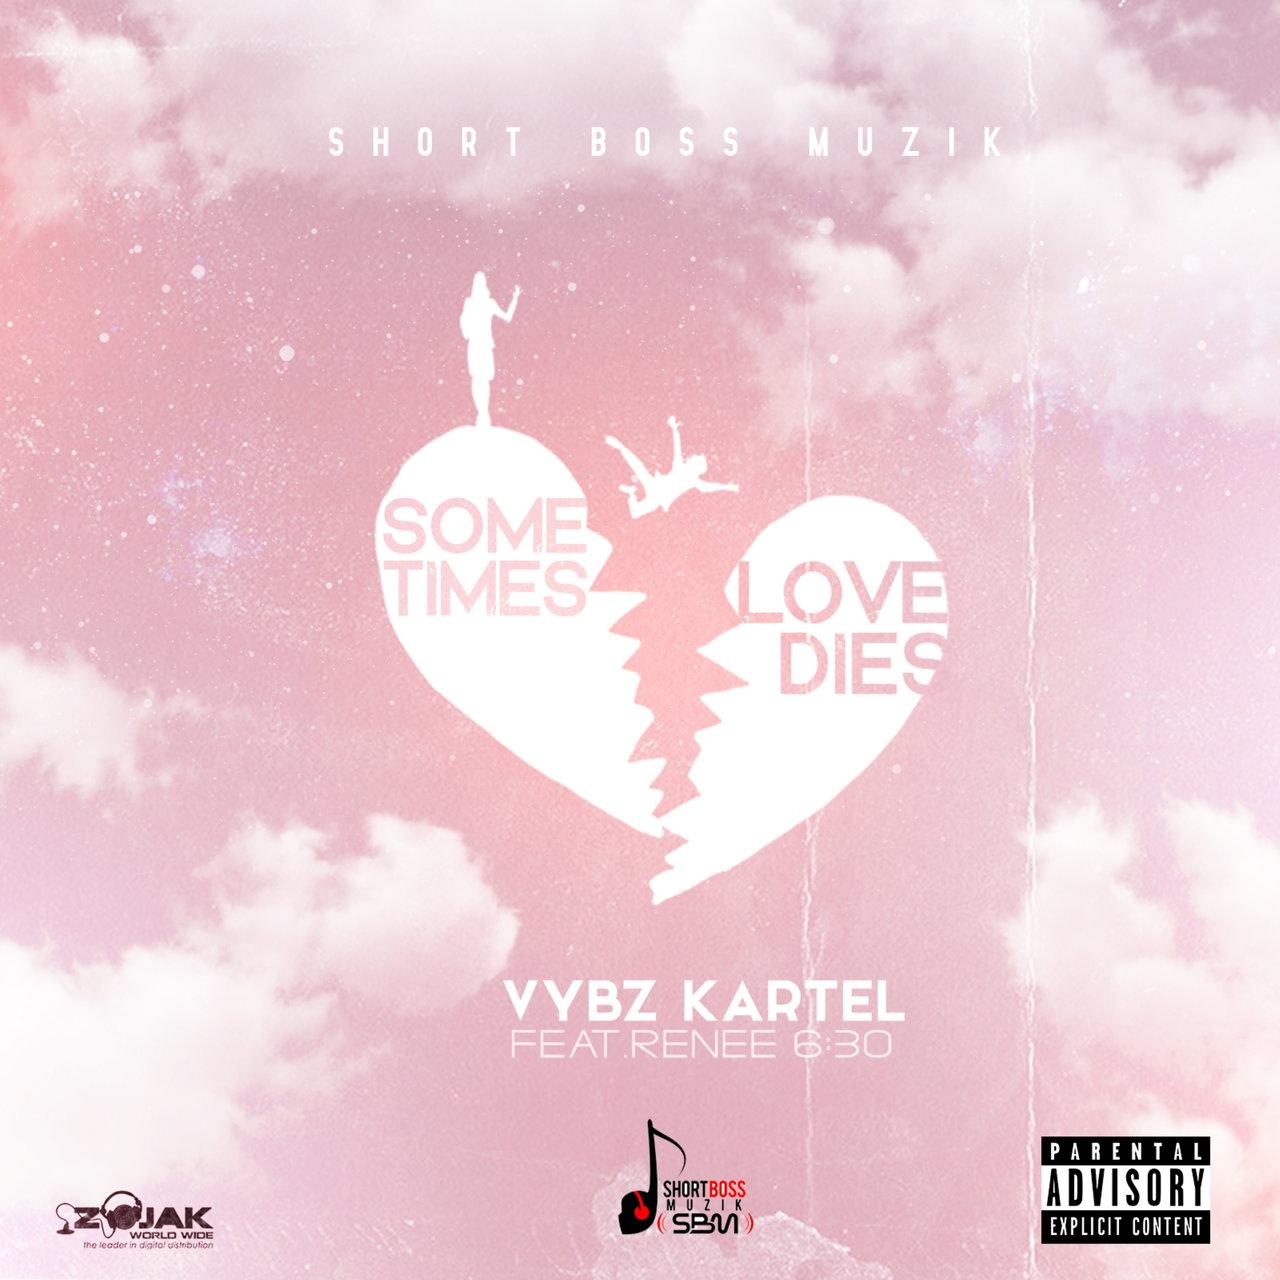 Vybz Kartel - Sometimes Love Dies (ft. Renee 6:30) (Cover)